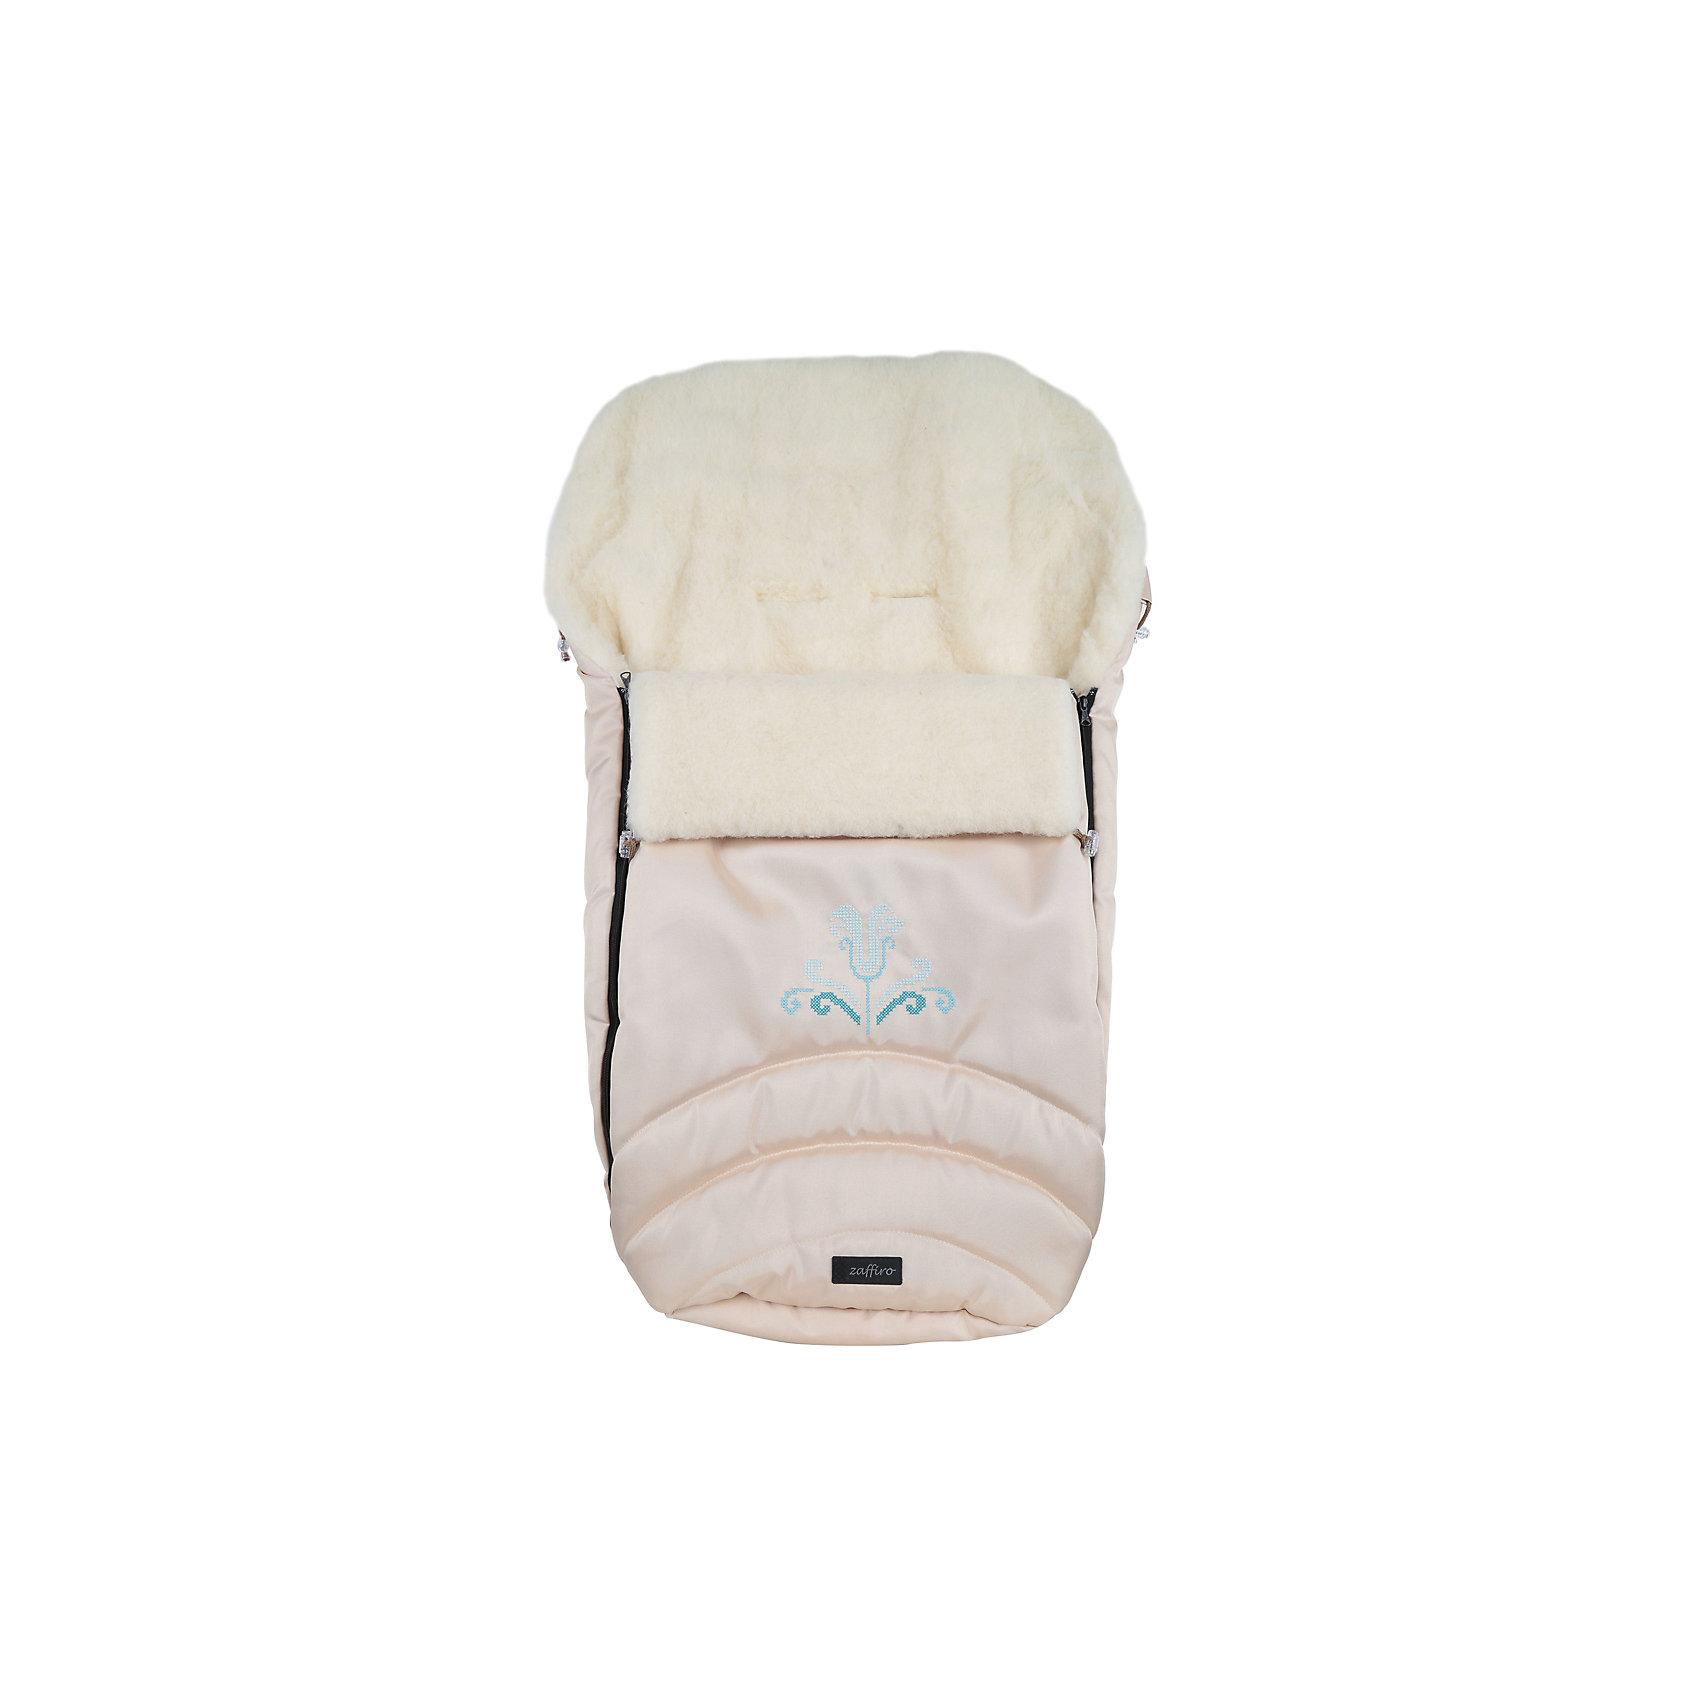 Конверт зимний №36 Exclusive, 95*50, шерсть, Womar, бежевыйЗимние конверты<br>Конверт зимний №36 Exclusive, 95*50, шерсть, Womar, бежевый – эксклюзивная защита от холода для вашего малыша.<br>Внутри конверта мягкий мех, изготовленный из овчины. Этот материал не вызывает аллергии и безопасен для нежной кожи малыша. Верхняя часть непромокаемая, грязеотталкивающая и не продувается. Также ее можно отстегнуть. Сверху есть шнурок, который можно стянуть как капюшон. Конверт подходит к большинству колясок. Стирать при температуре 30 градусов, не отжимать и не гладить. Есть отверстия для пятиточечного ремня безопасности. <br><br>Дополнительная информация:<br><br>- материал: внутренняя часть – натуральная овечья шерсть, внешняя – 100% полиэстер<br>- размер: 95х50 см<br>- цвет: бежевый<br><br>Конверт зимний №36 Exclusive, 95*50, шерсть, Womar, бежевый можно купить в нашем интернет магазине.<br><br>Ширина мм: 950<br>Глубина мм: 500<br>Высота мм: 100<br>Вес г: 500<br>Возраст от месяцев: 0<br>Возраст до месяцев: 12<br>Пол: Унисекс<br>Возраст: Детский<br>SKU: 4981794